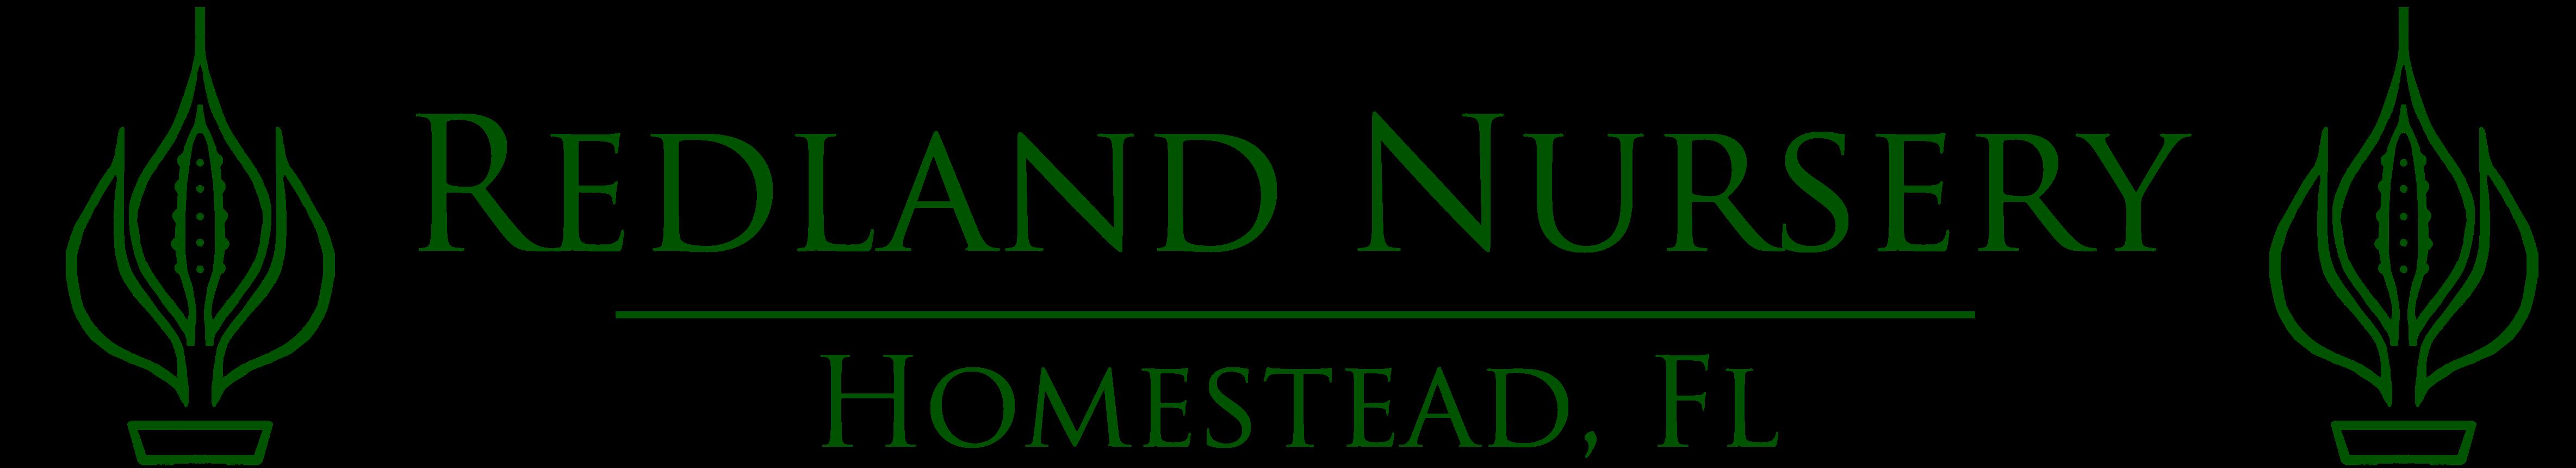 Redland Nursery – Wholesale Nursery Homestead - Redland Nursery – Wholesale Nursery Located in Homestead, Florida